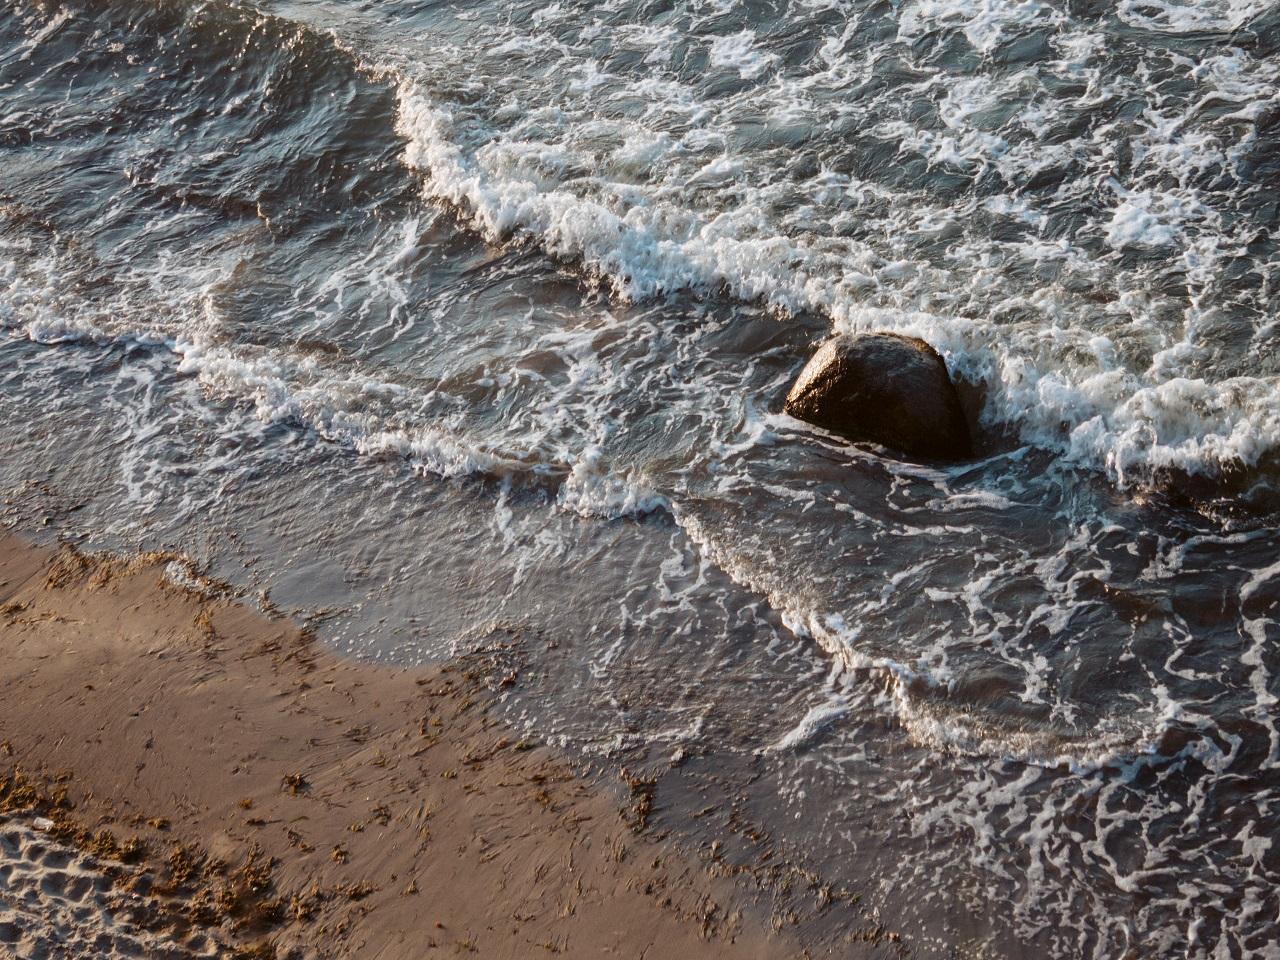 Wasserrauschen, Ostsee, Philipp Deus, Unsplash